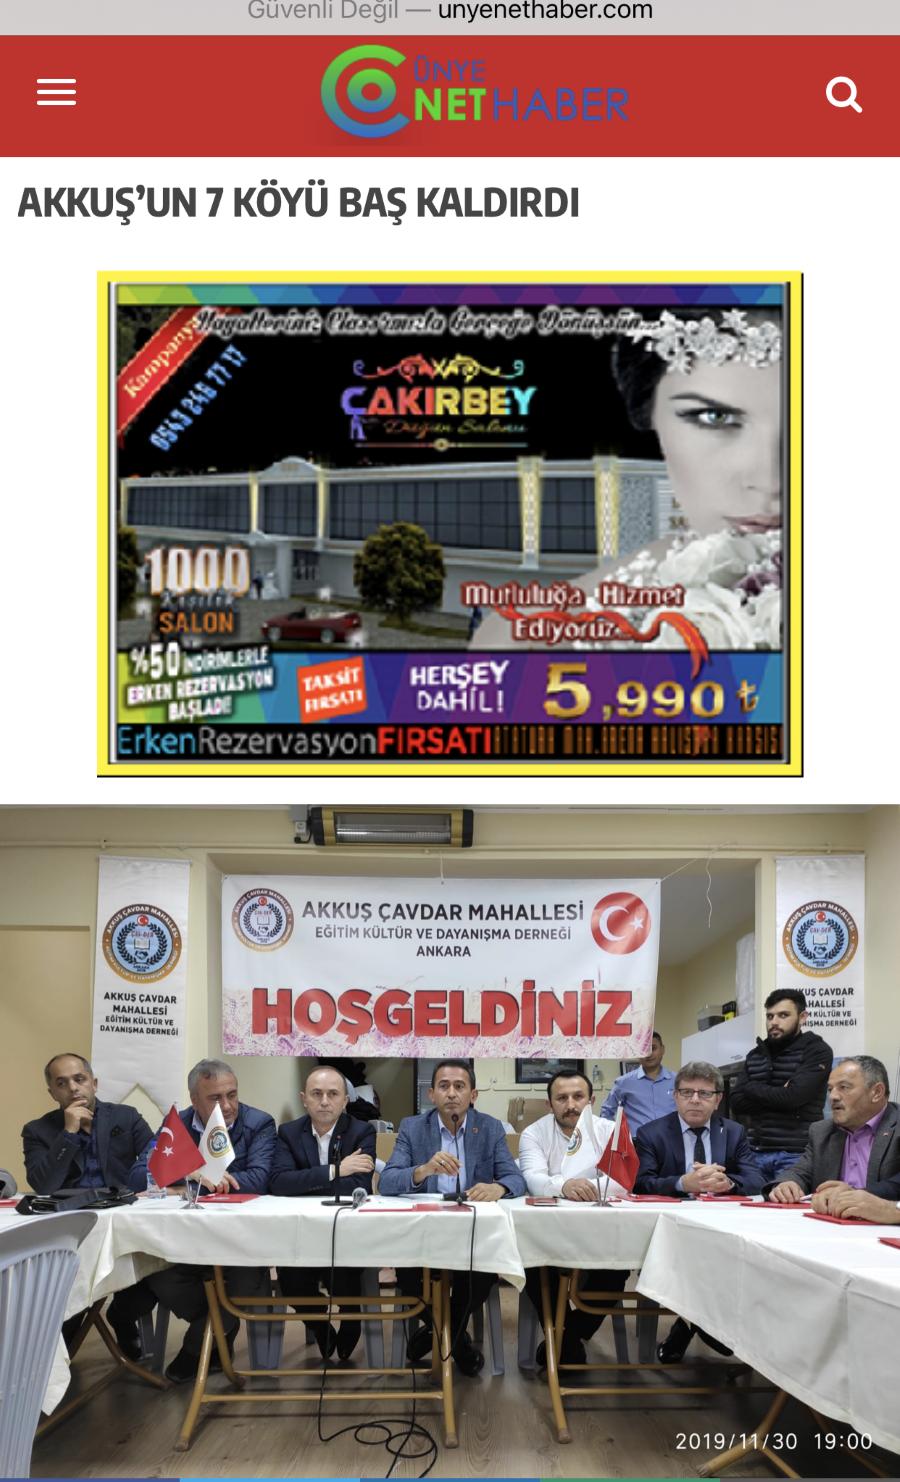 Akkuş-Çukurköy-Ceyhanlı Grup Yolunun Asfaltlanması İçin Yaptığımız Haber Ordu Basınında Yer Aldı.